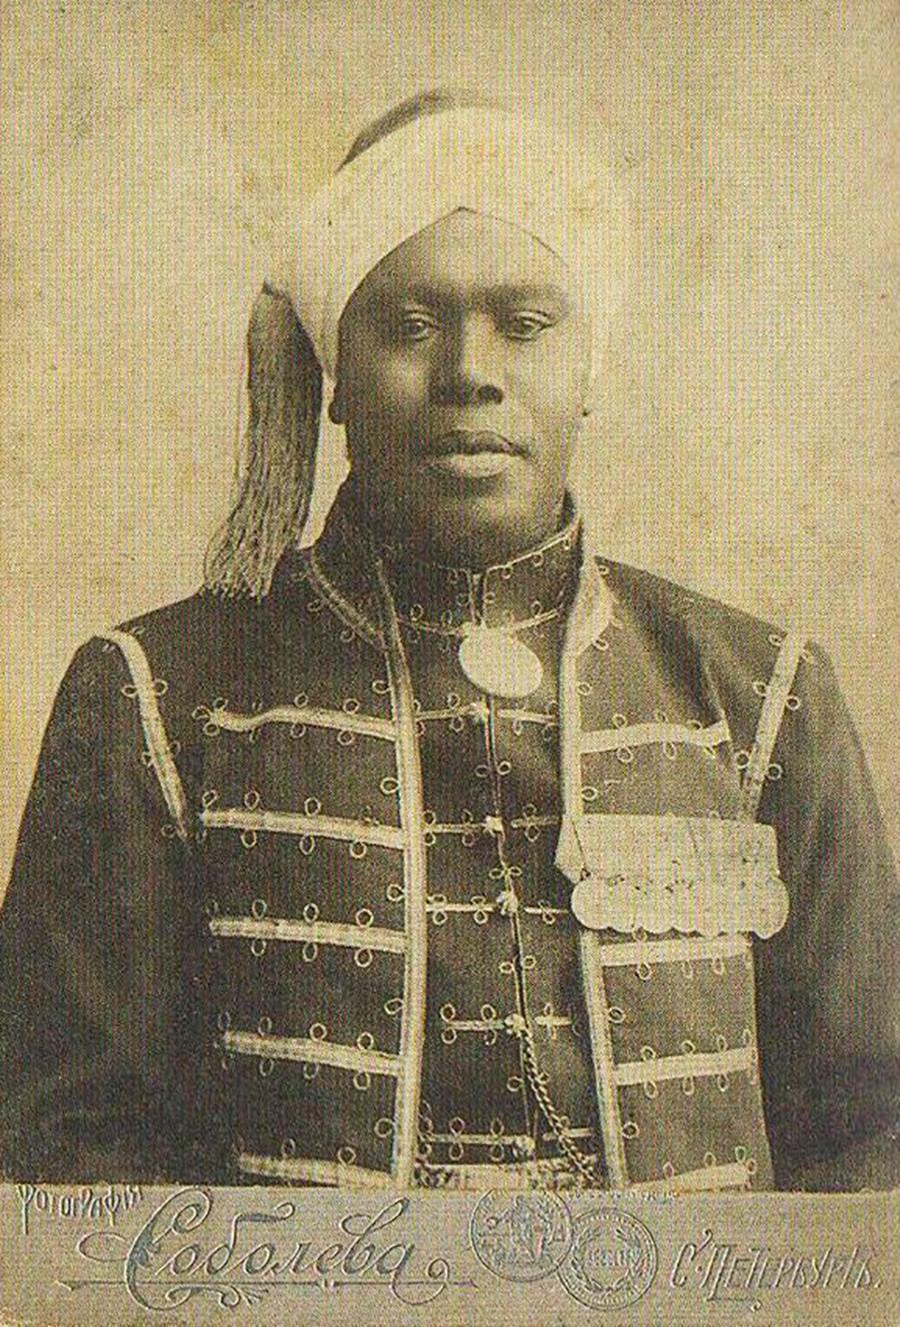 Црнац  Георгиј Марија са Зелонортских Острва.